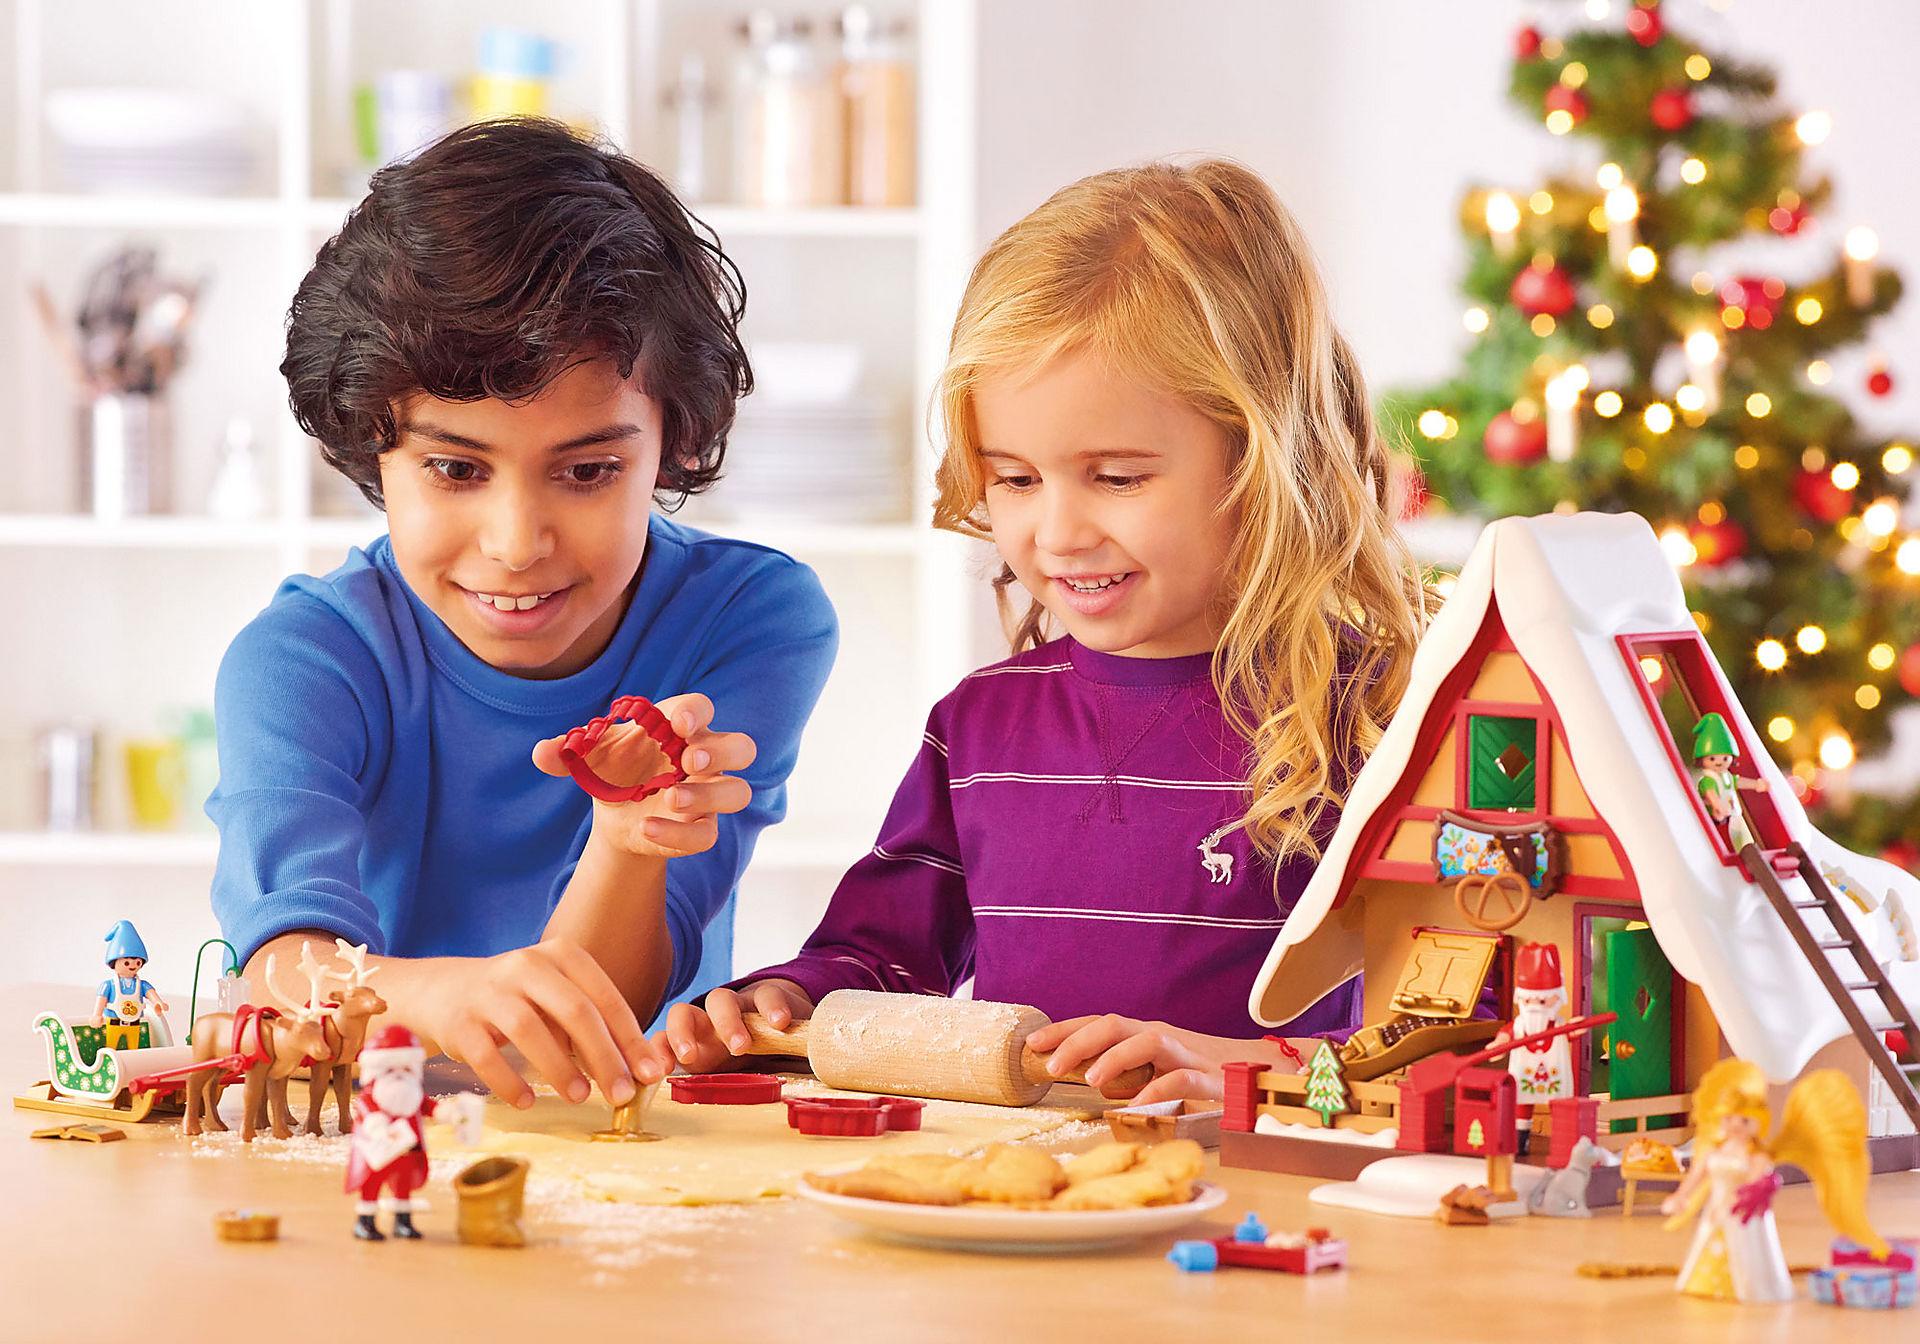 9493 Julebageri med småkageskærere zoom image8